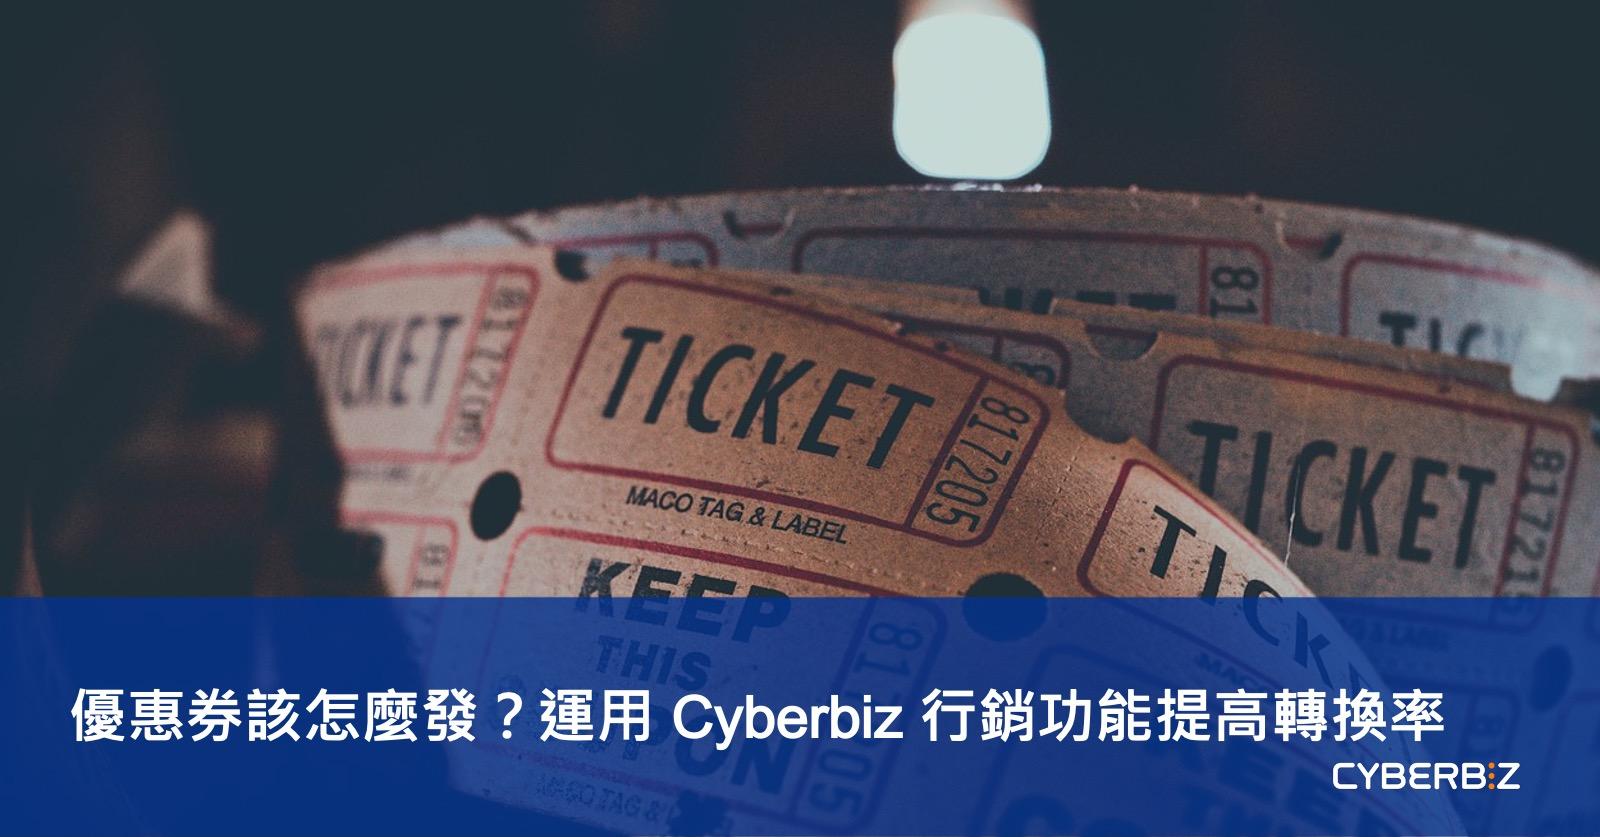 優惠券該怎麼發?運用 Cyberbiz 行銷功能提高轉換率